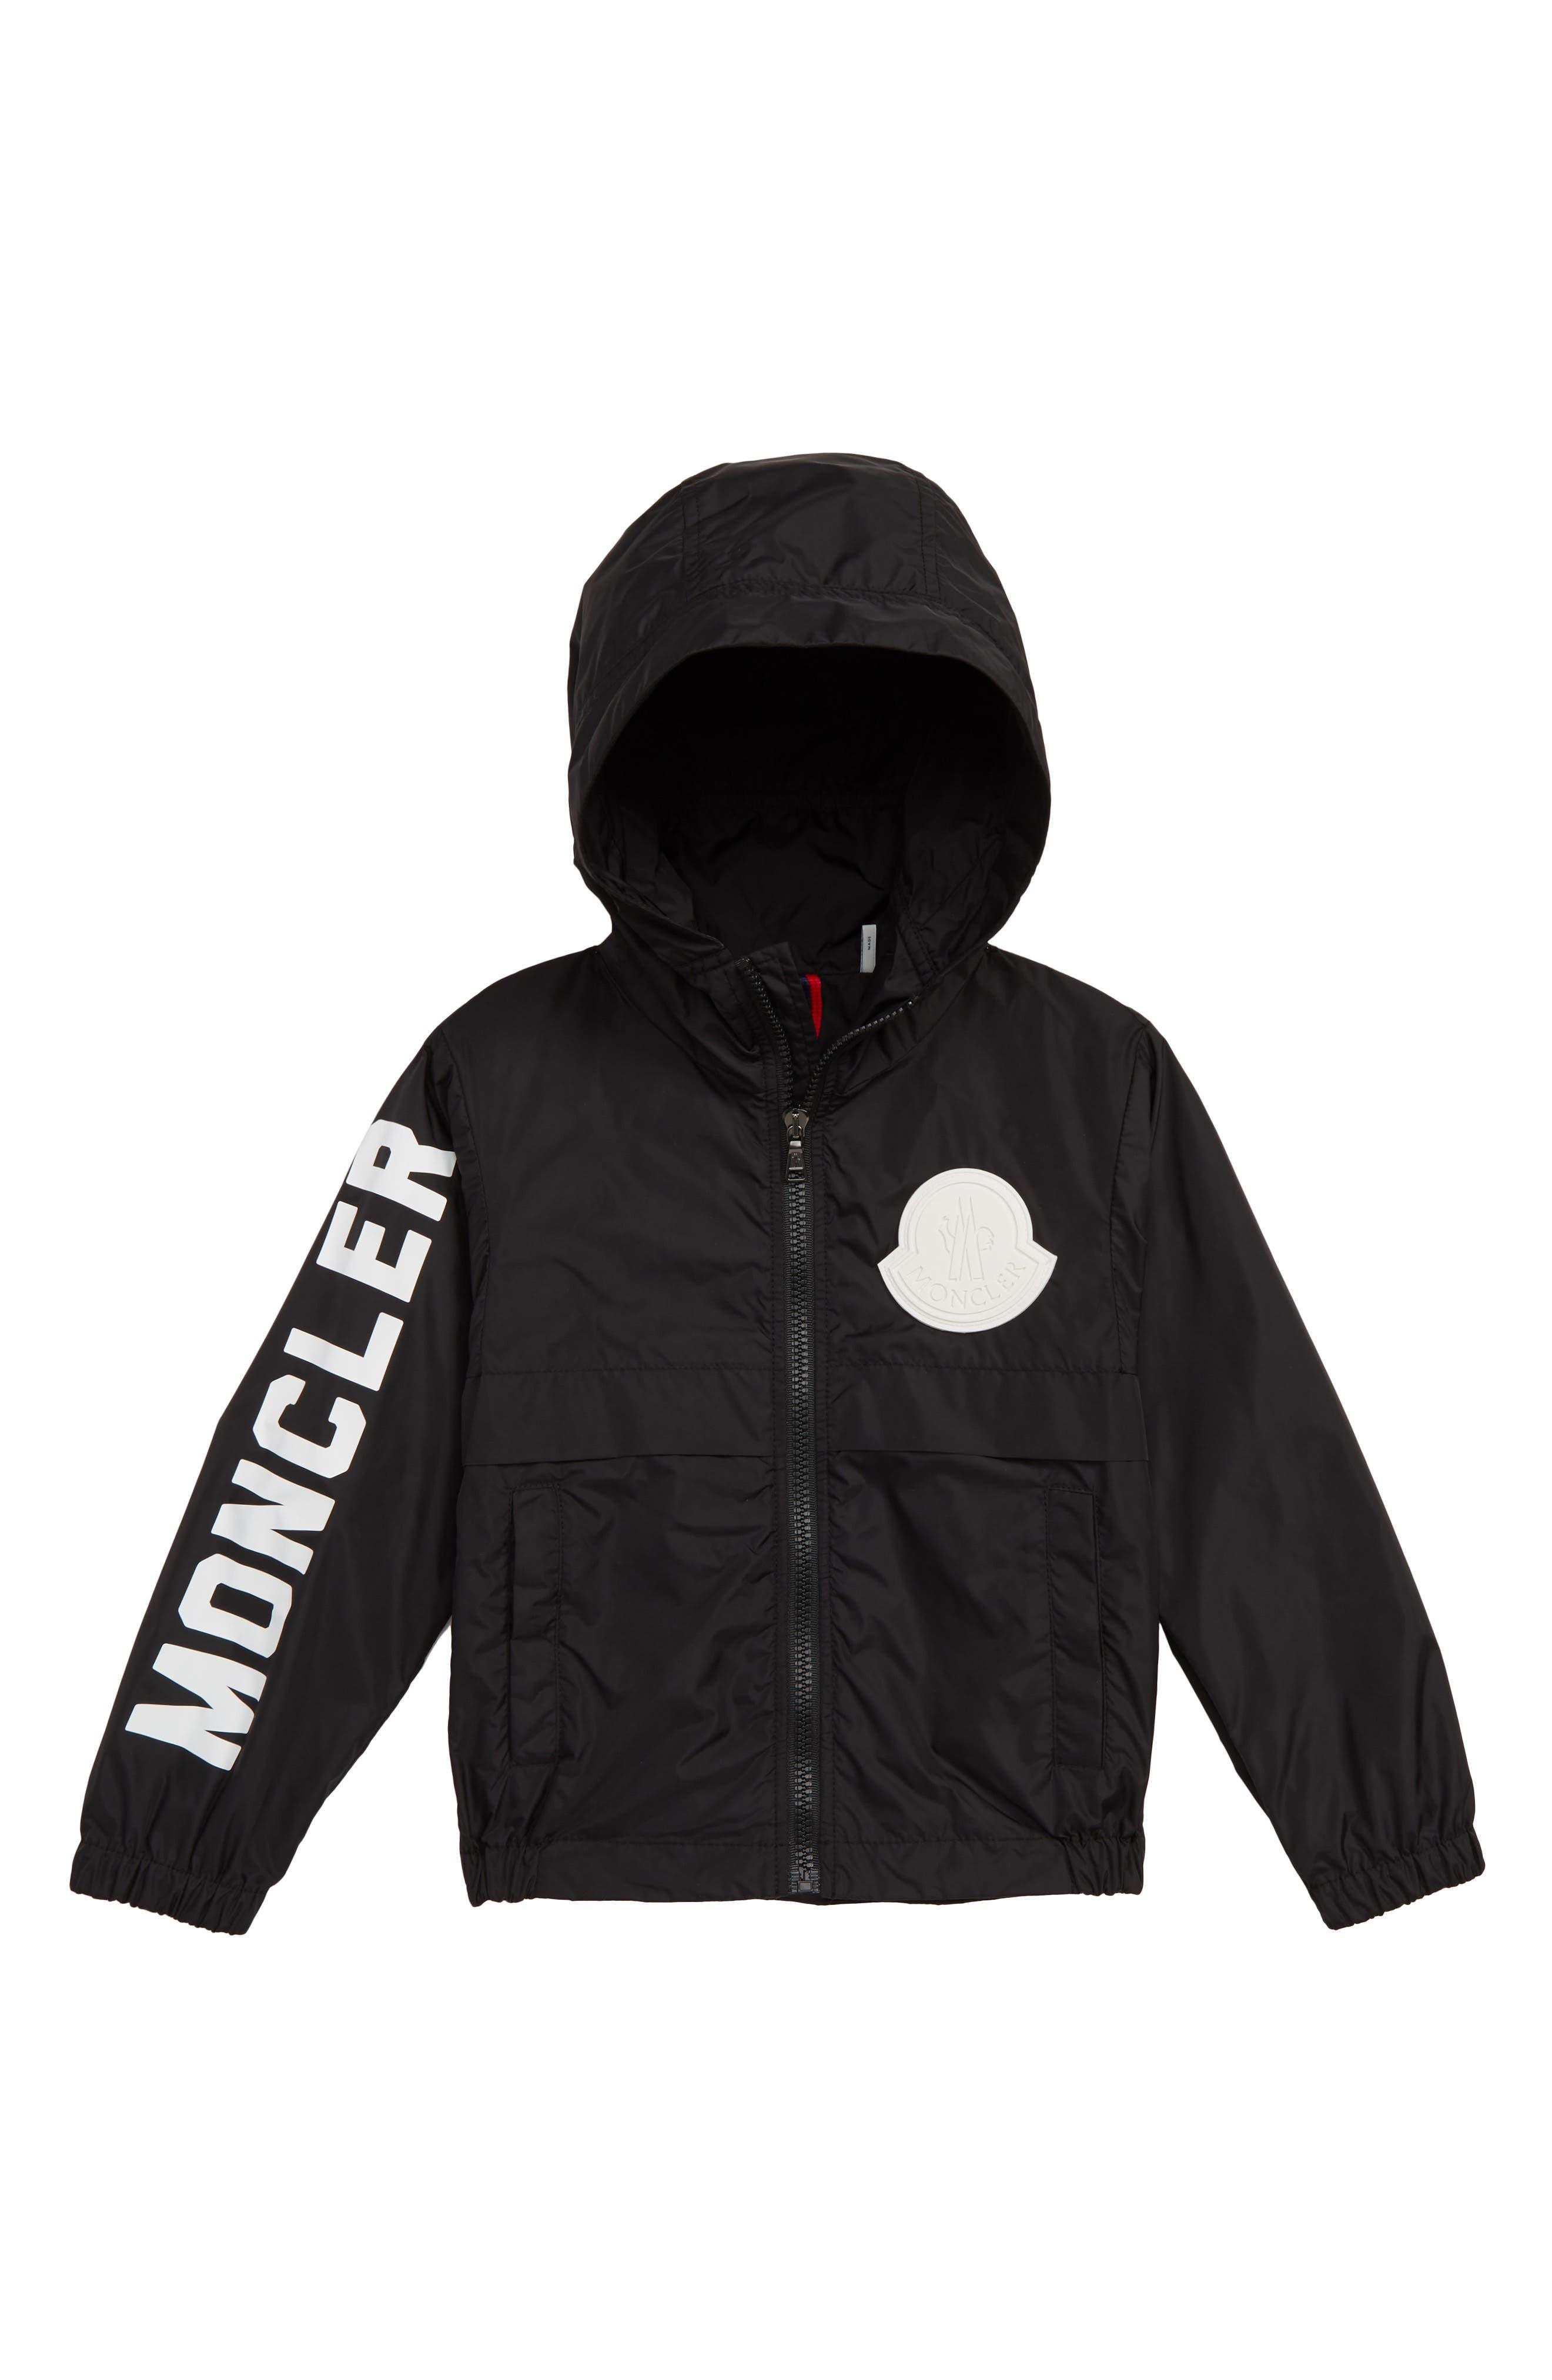 MONCLER Saxophone Hooded Jacket, Main, color, BLACK